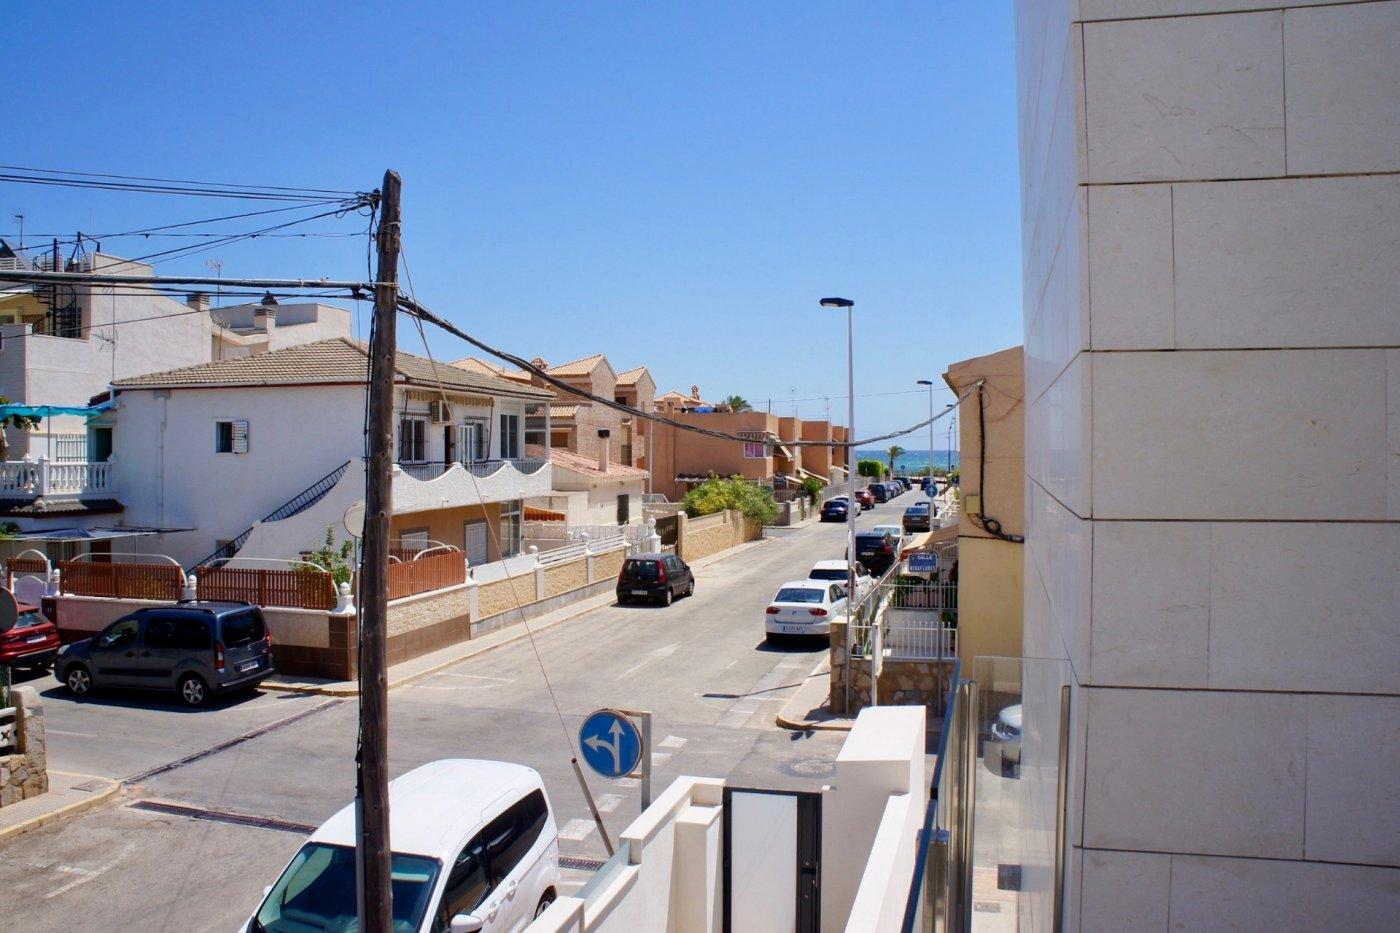 Gallery Image 17 of Nuevo apartamento listo en la planta superior de 2 dormitorios a solo 2 minutos a pie de las playas,